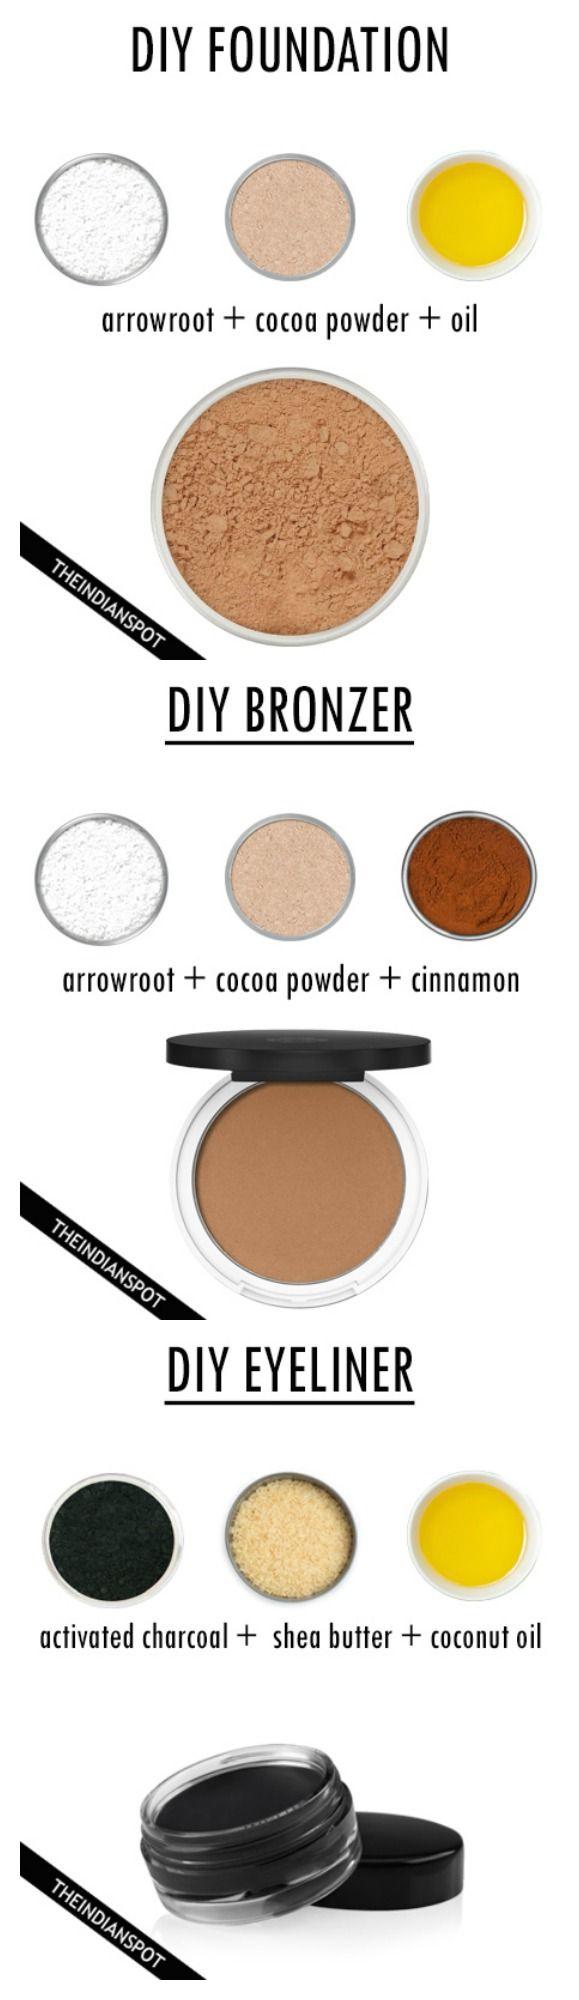 Diy All Natural Makeup Diy Natural Makeup All Natural Makeup Diy Makeup